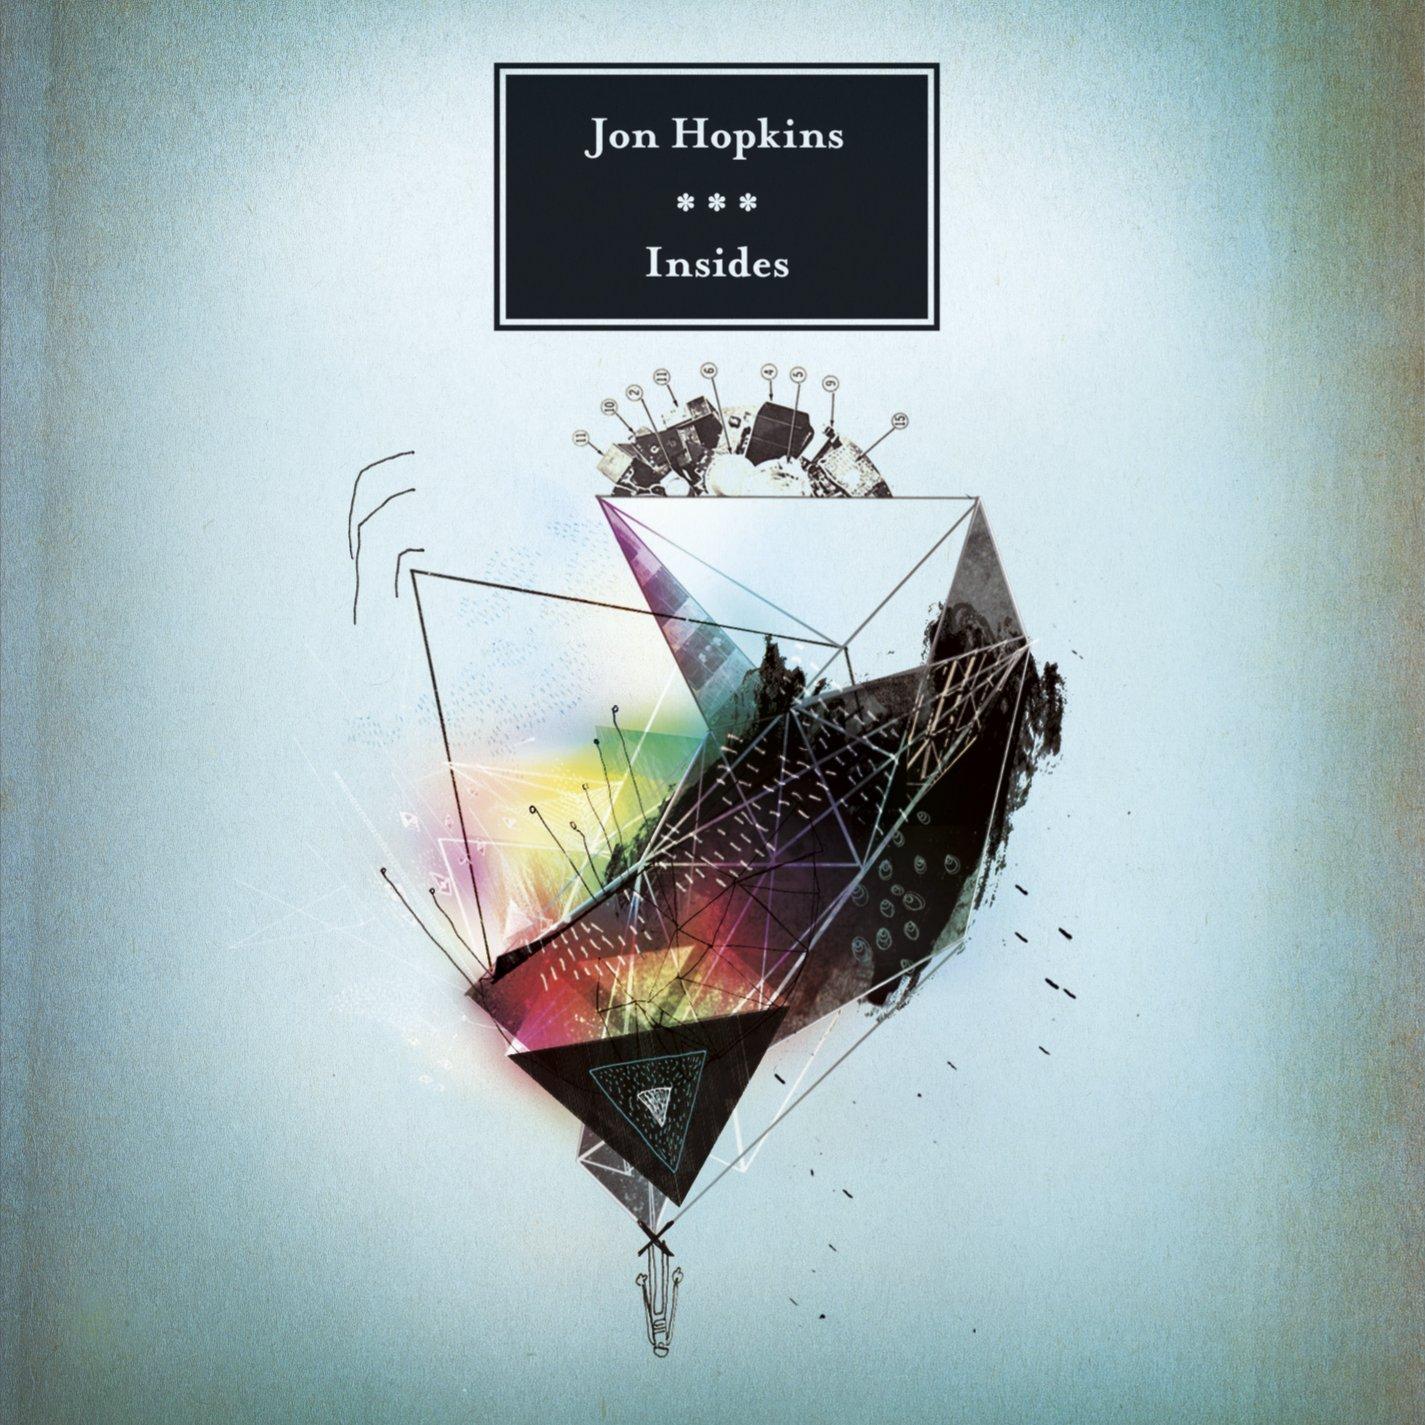 jon hopkins insides.jpg